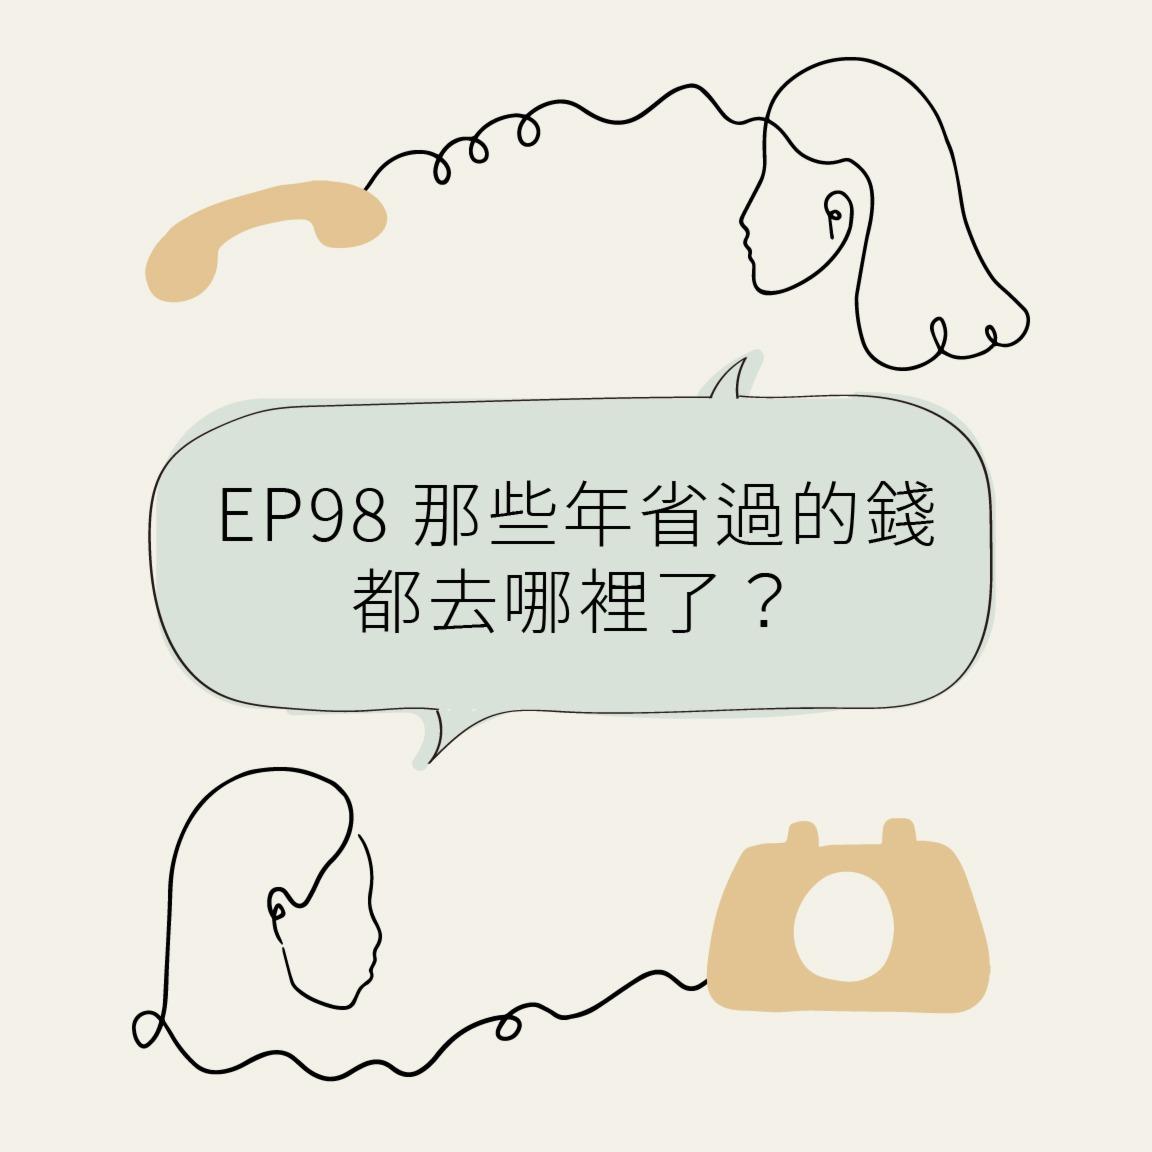 EP98 那些年省过的钱都去哪里了?